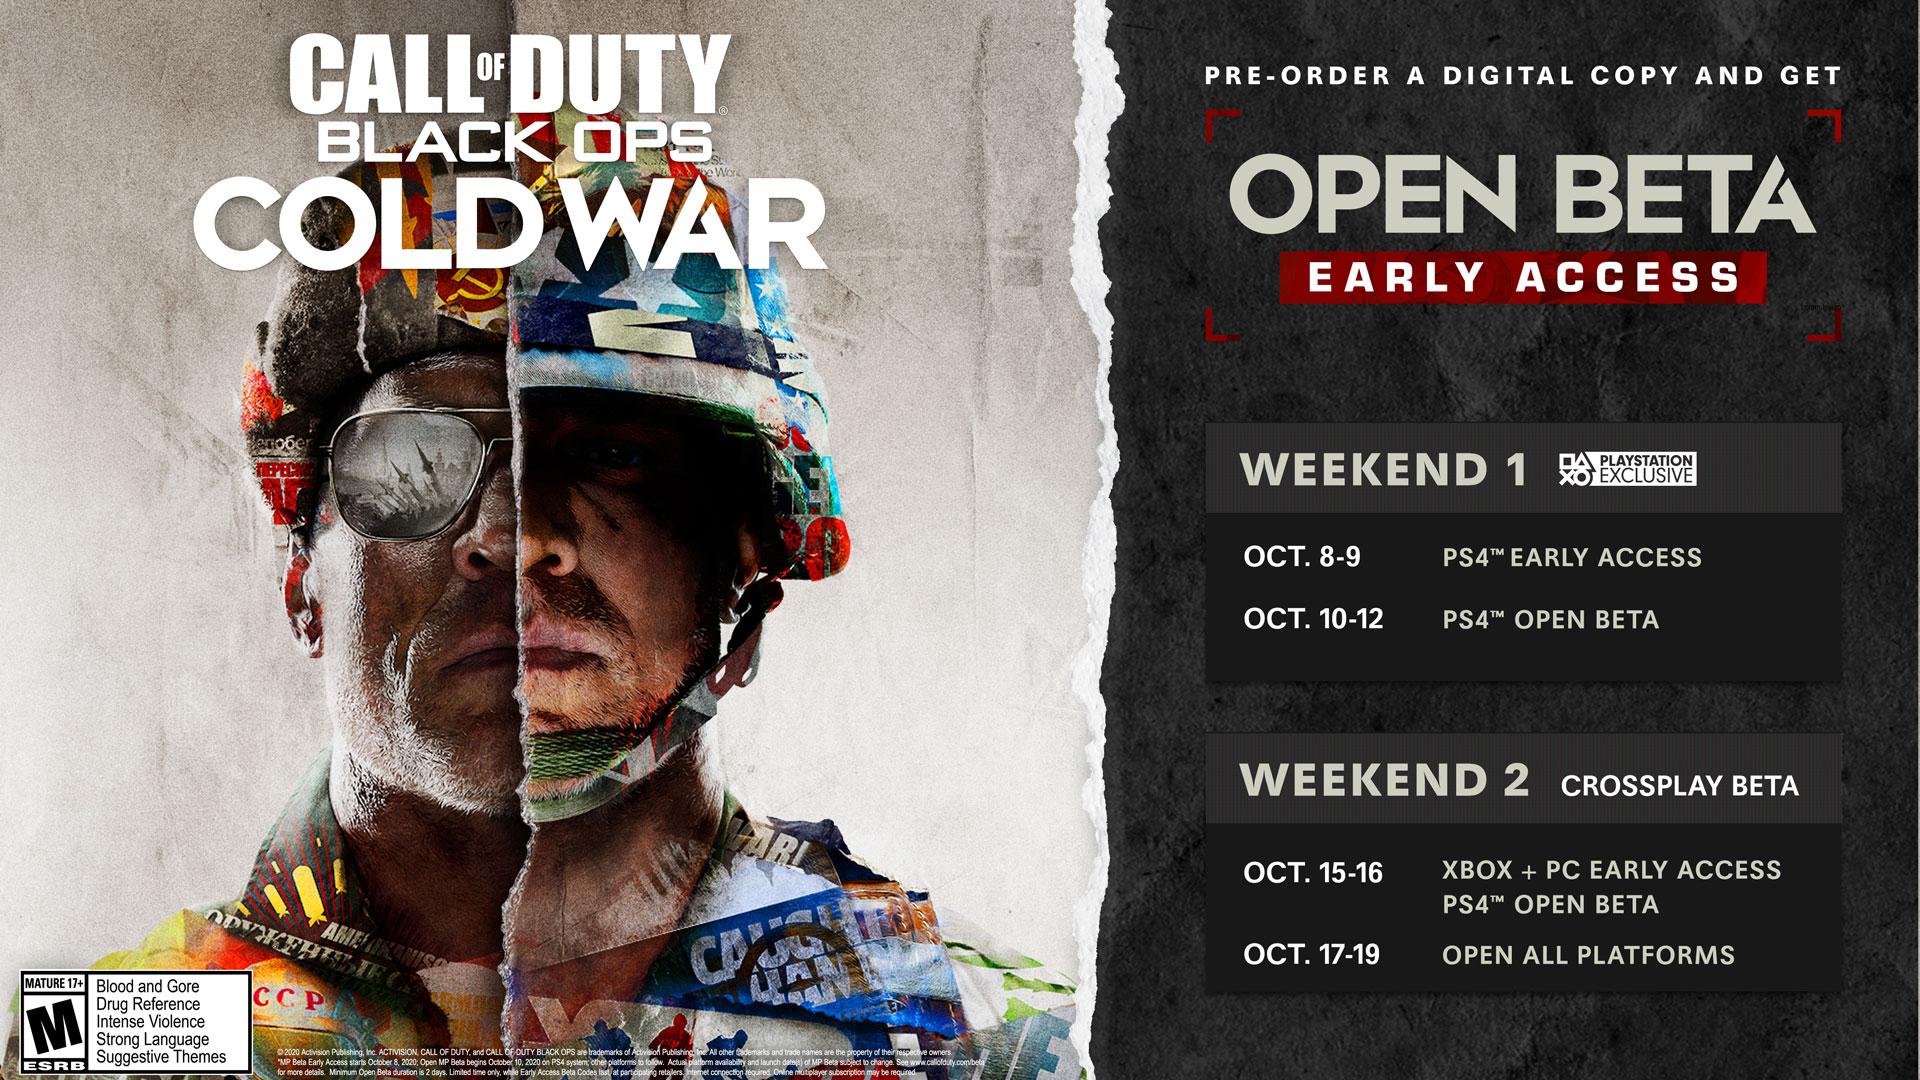 Confirmada la fecha de la beta de Call of Duty: Black Ops Cold War en Xbox One 1